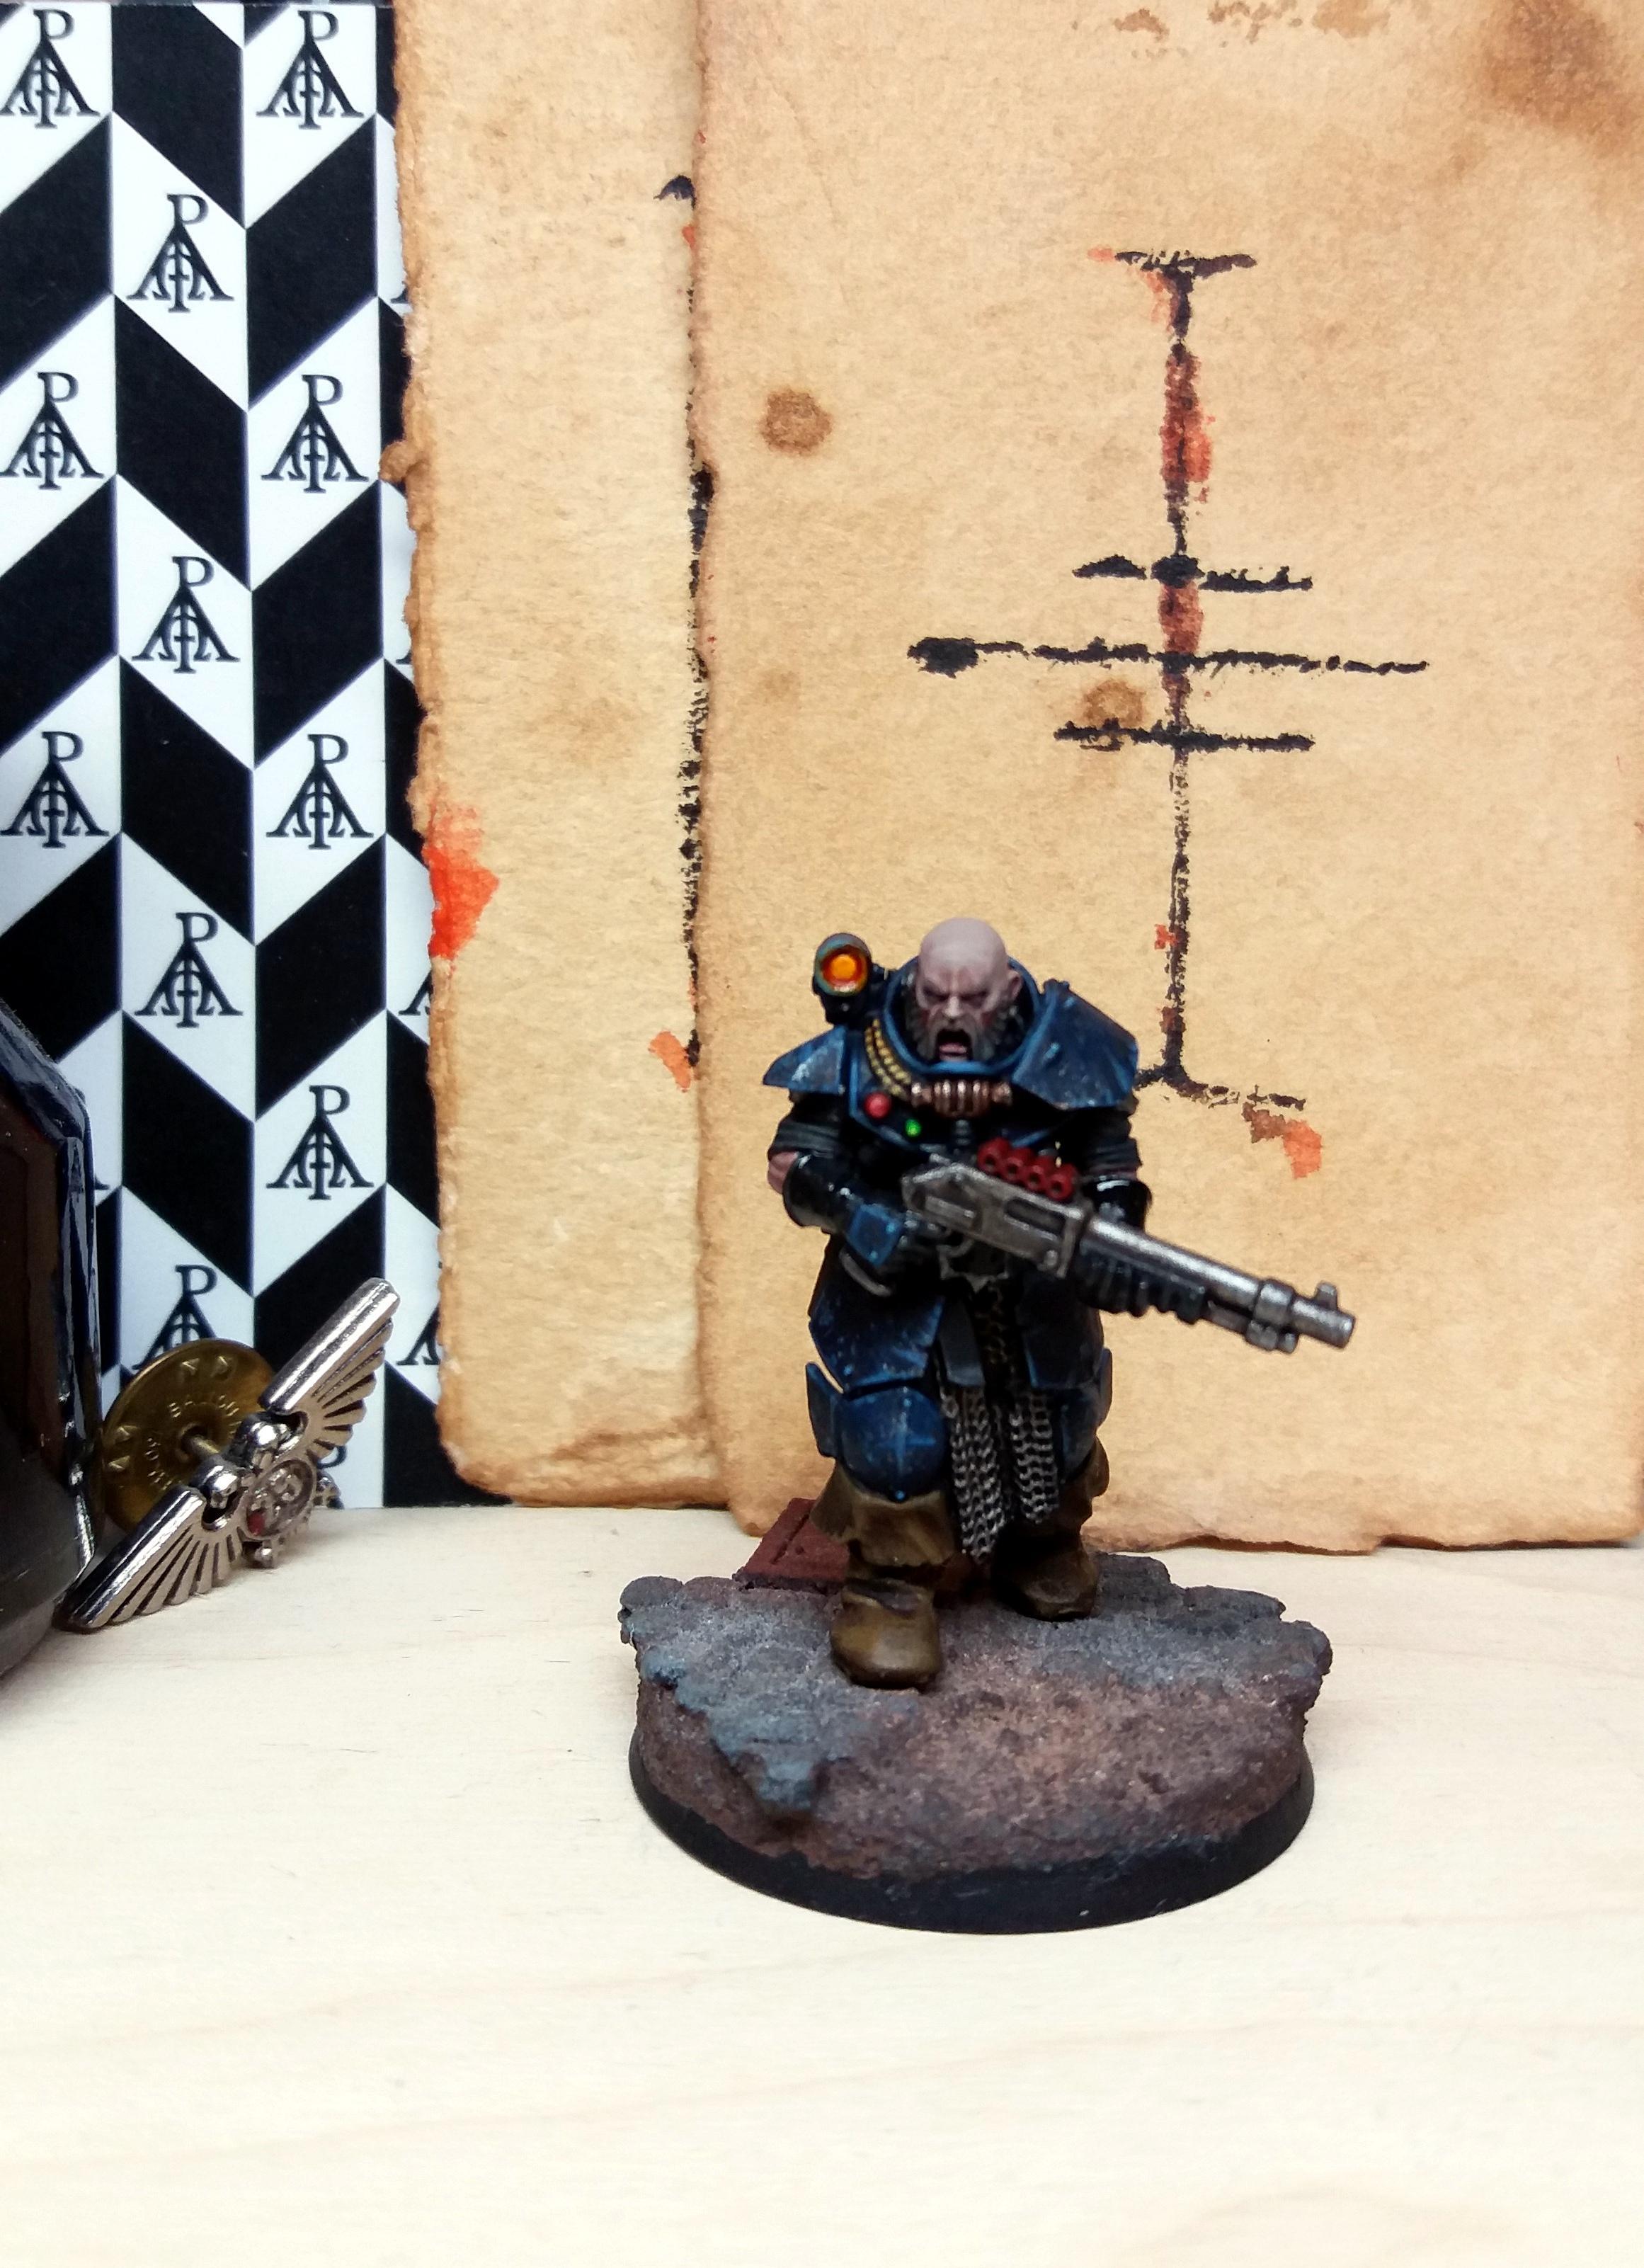 Bounty Hunter, Inq28, Inquisitor, Ordo Malleus, Pilgrim, Pilgrym, Radical